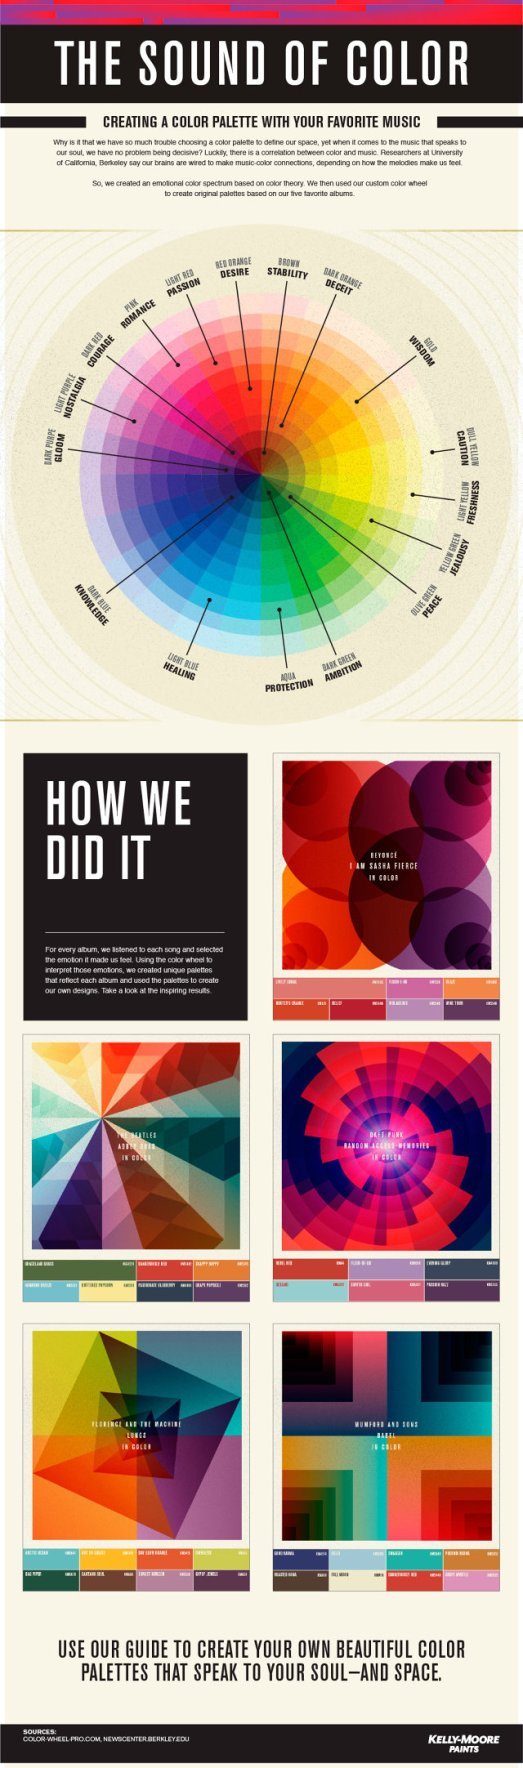 3029332-inline-i-1-album-in-colors